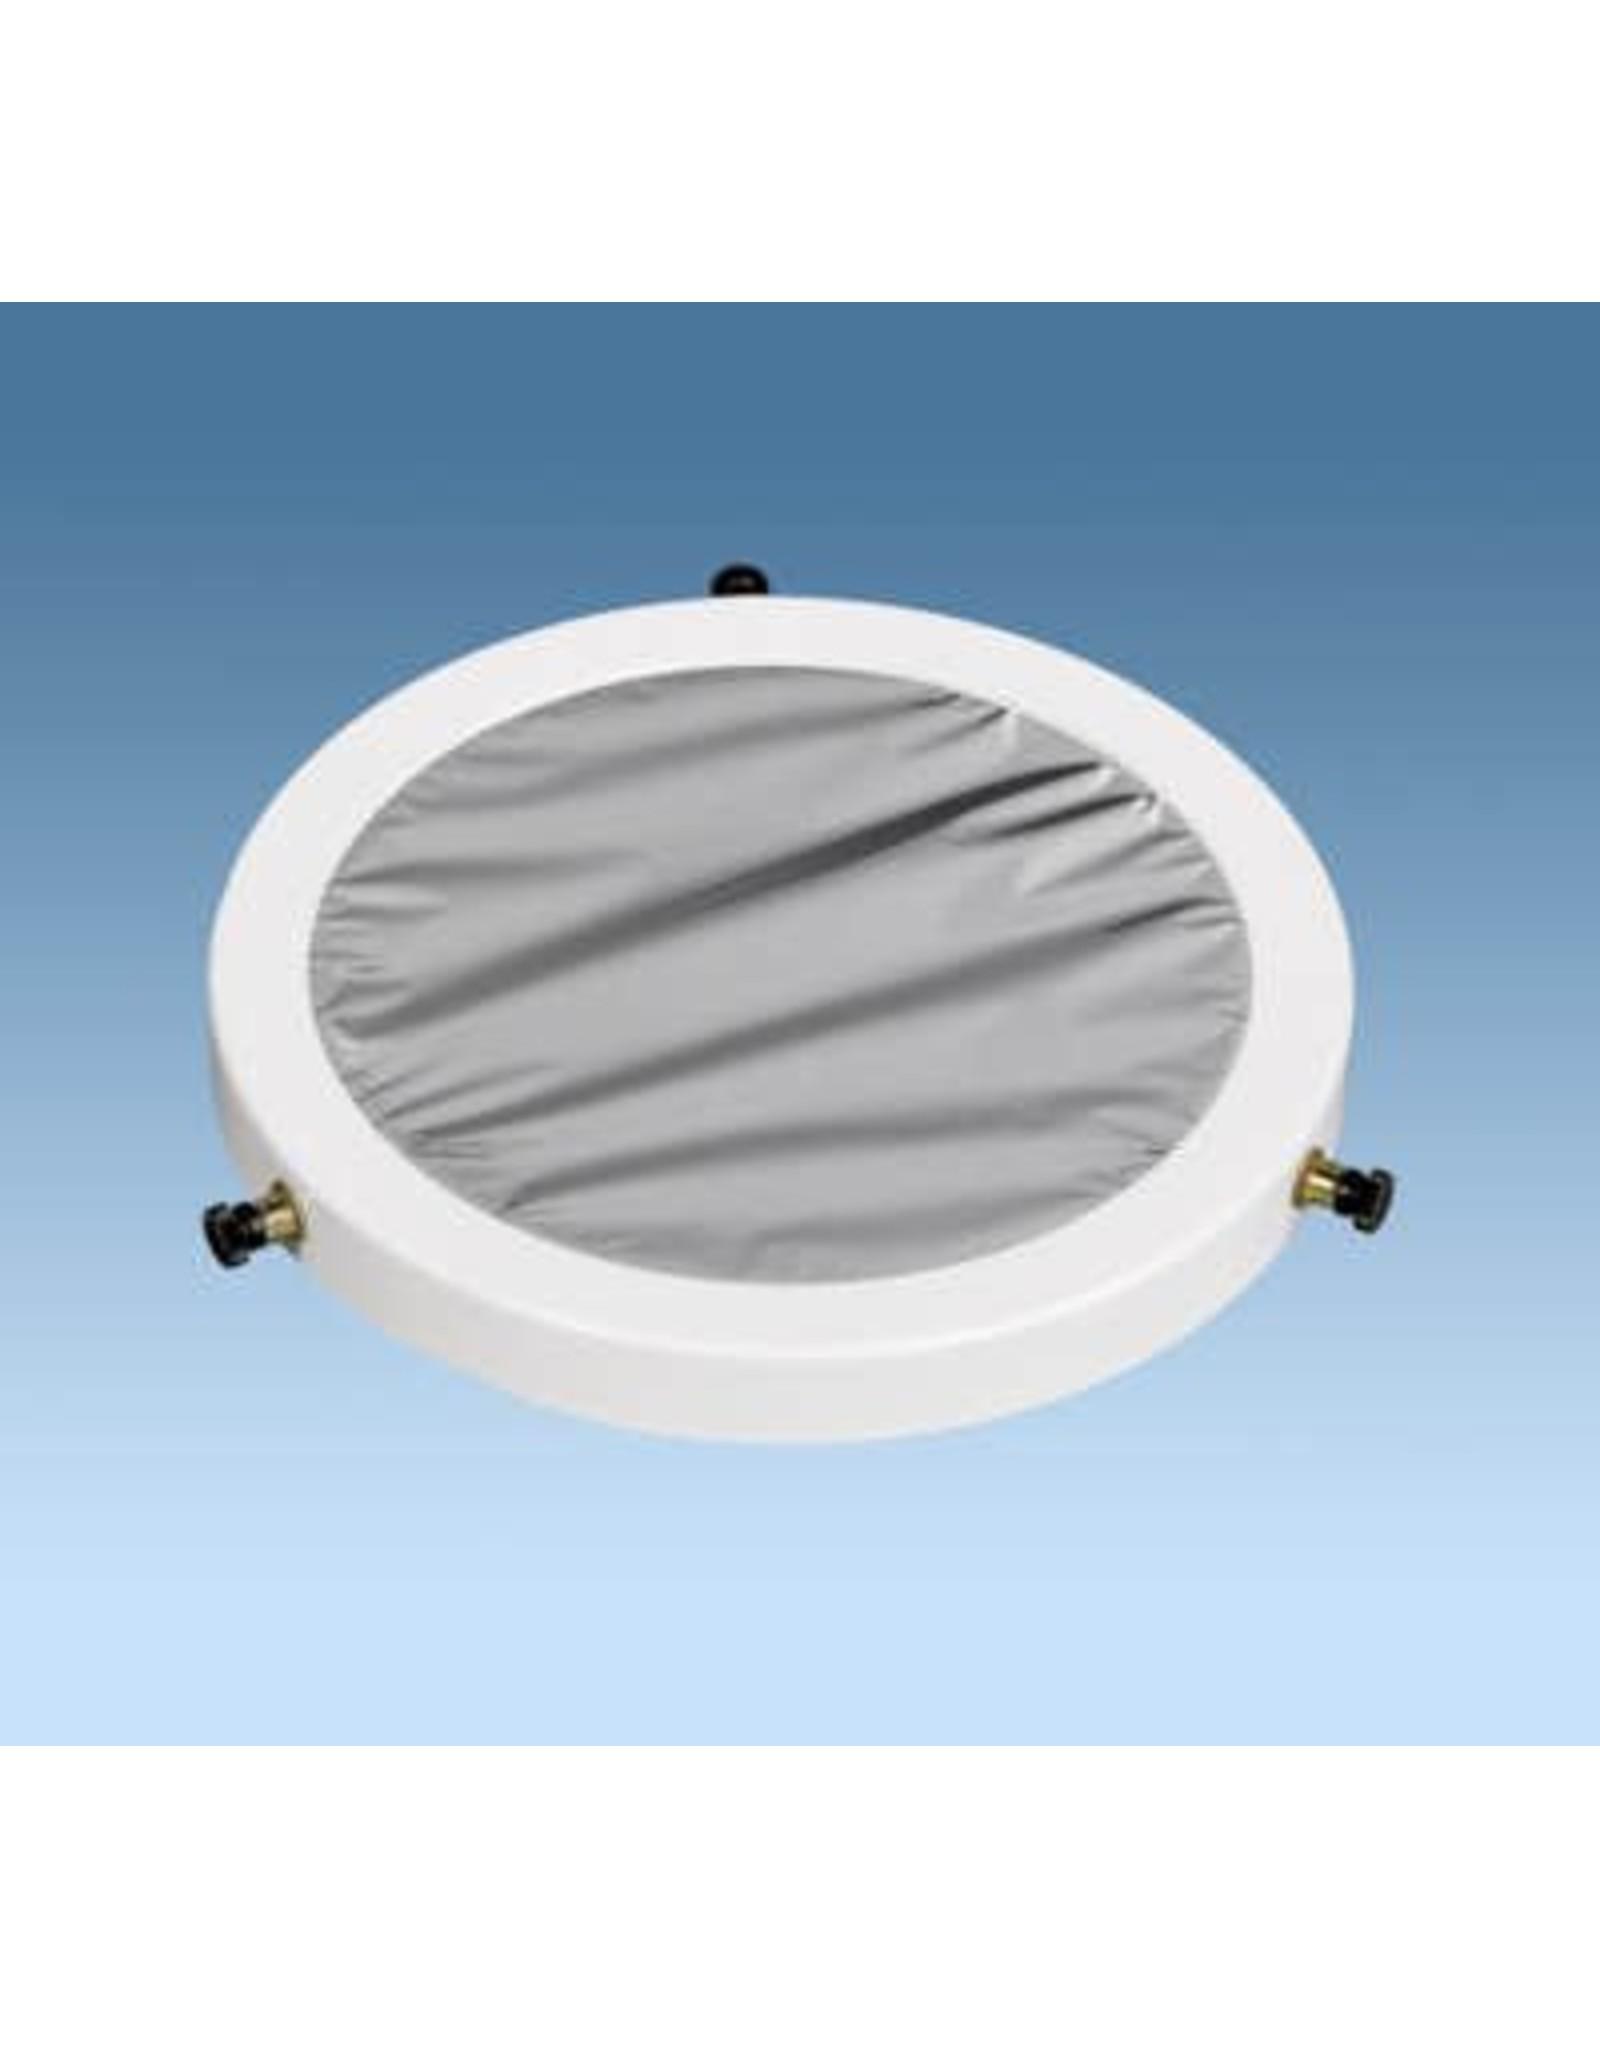 Astrozap AZ-1014-2 Baader Solar Filter - 215mm-225mm